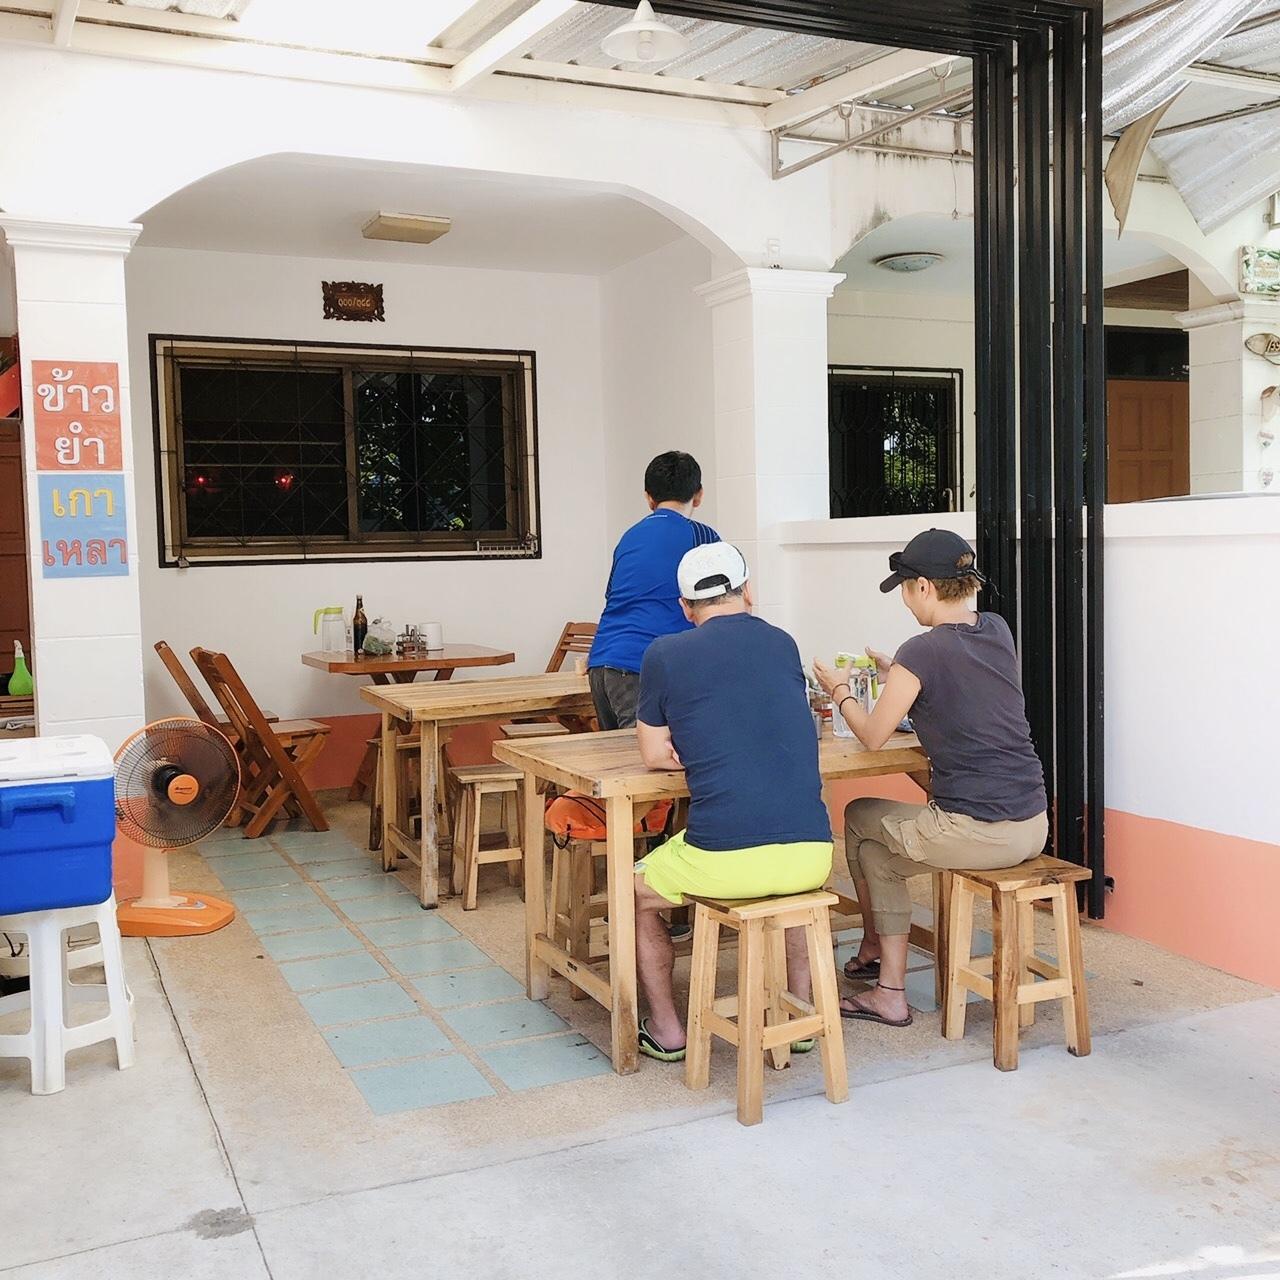 食堂オープンL(゚□゚)」_f0144385_12215397.jpeg